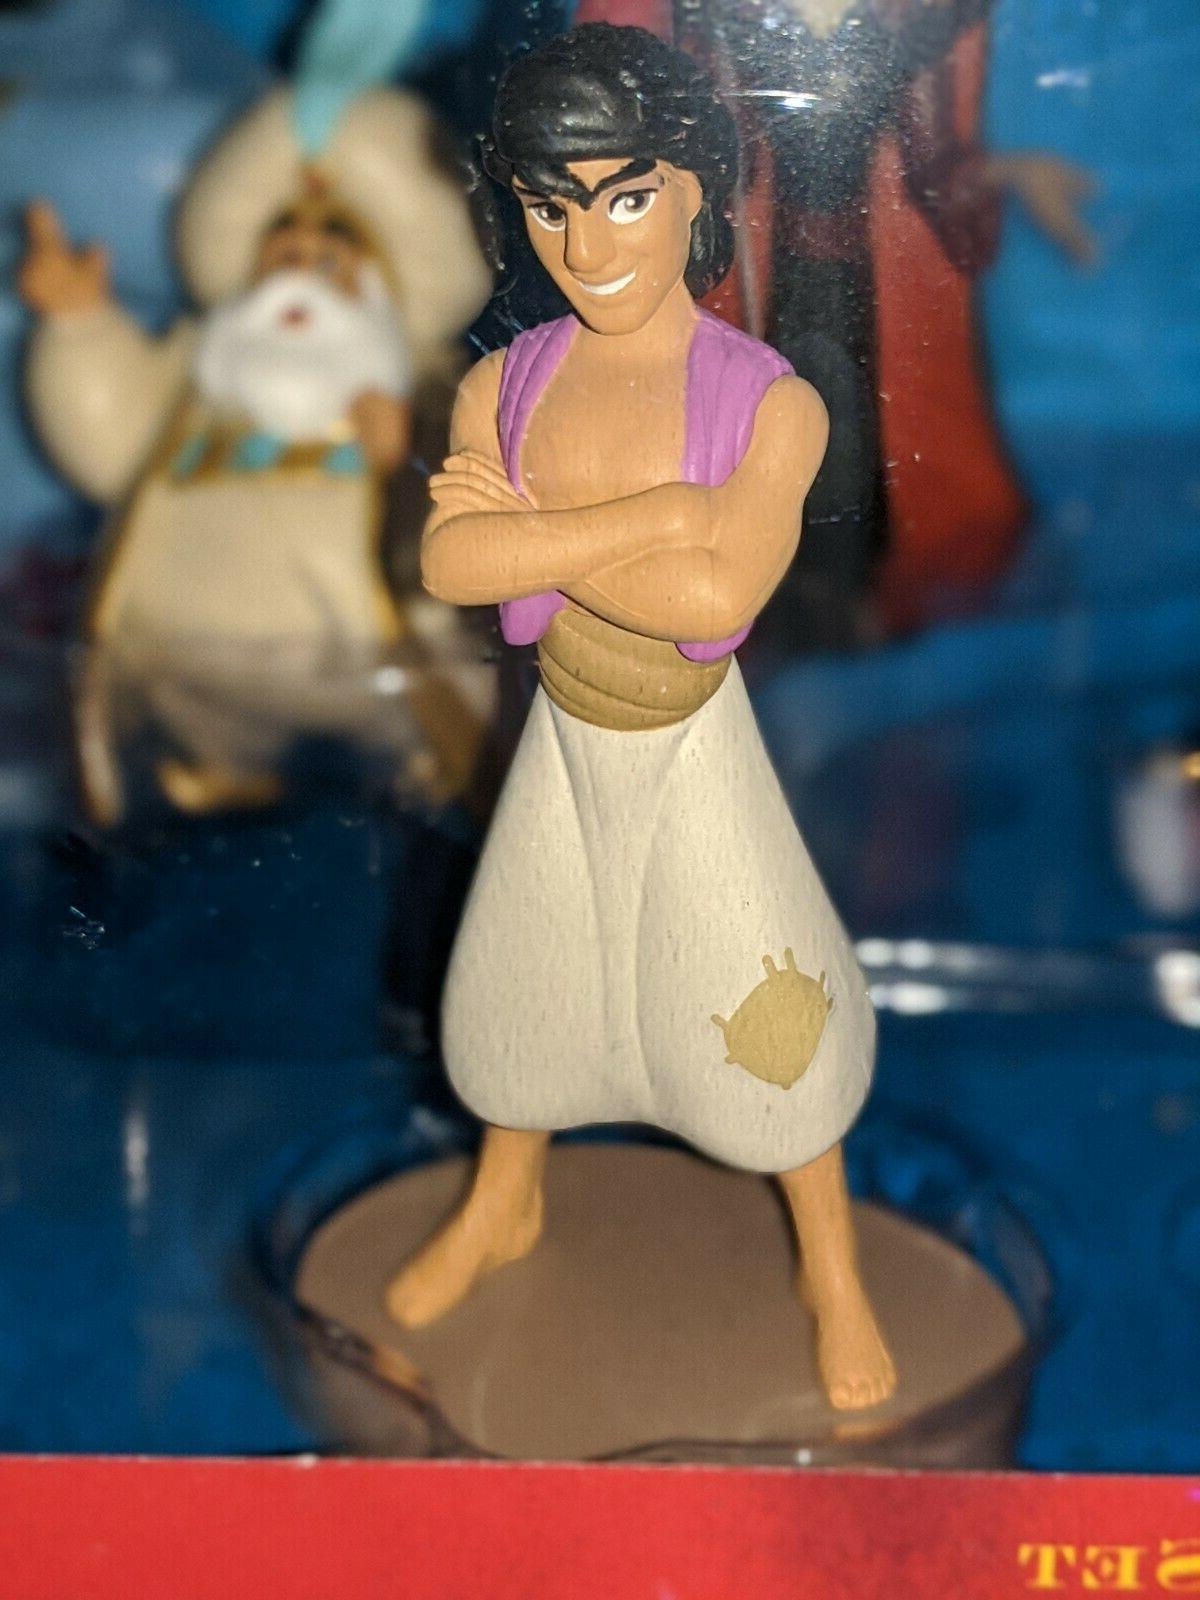 Disney, Aladdin, 9 Piece Deluxe Genie, Jafar